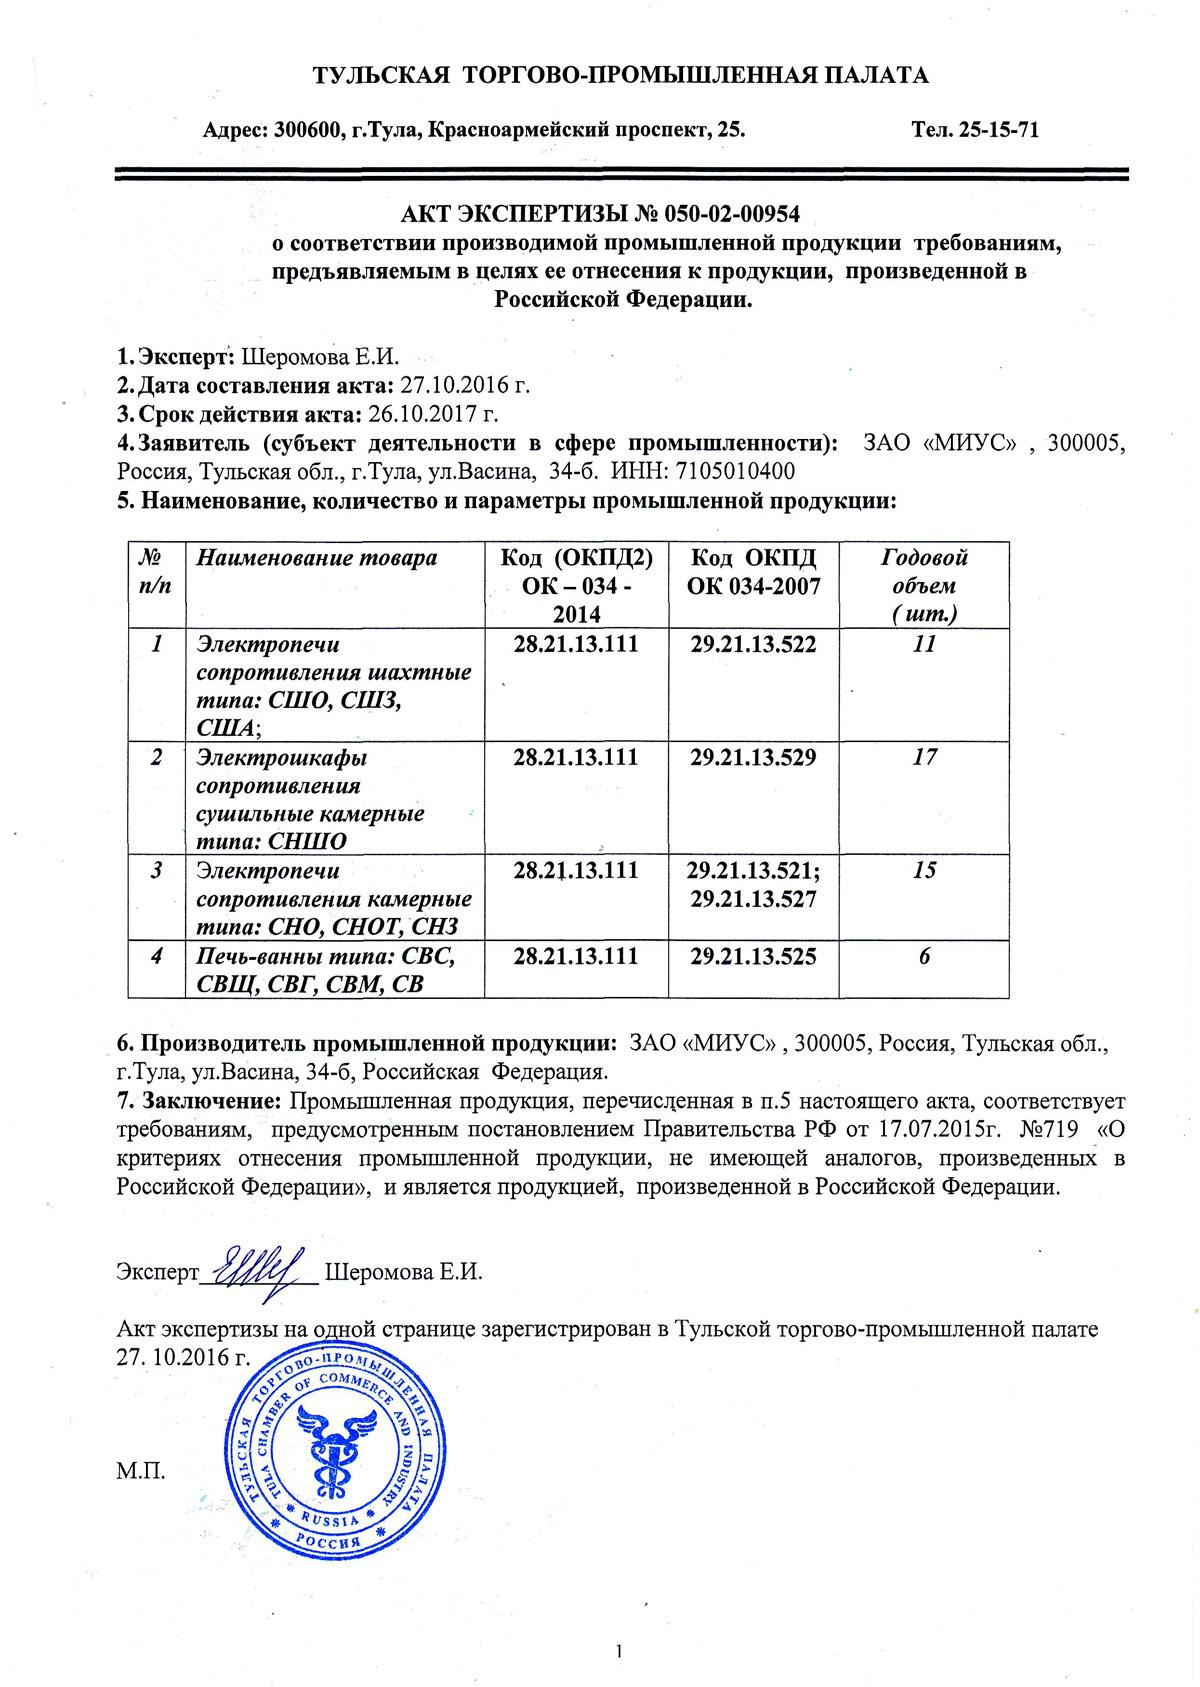 Акт экспертизы торгово-промышленной палаты по постановлению 719